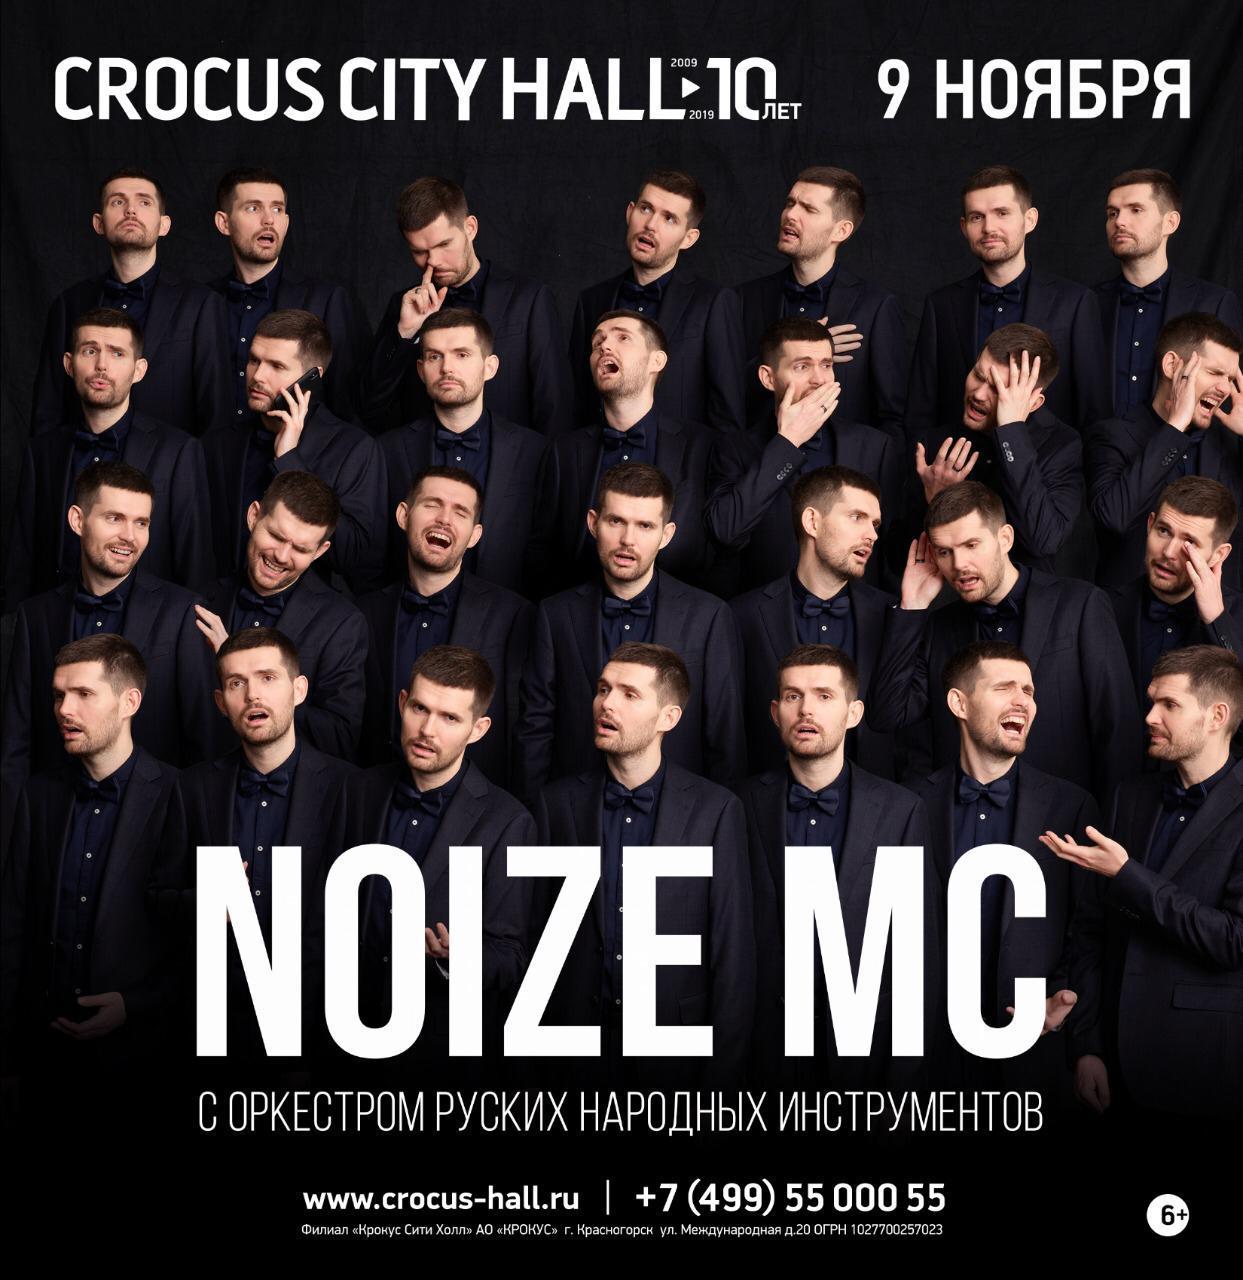 Noize MC, фото